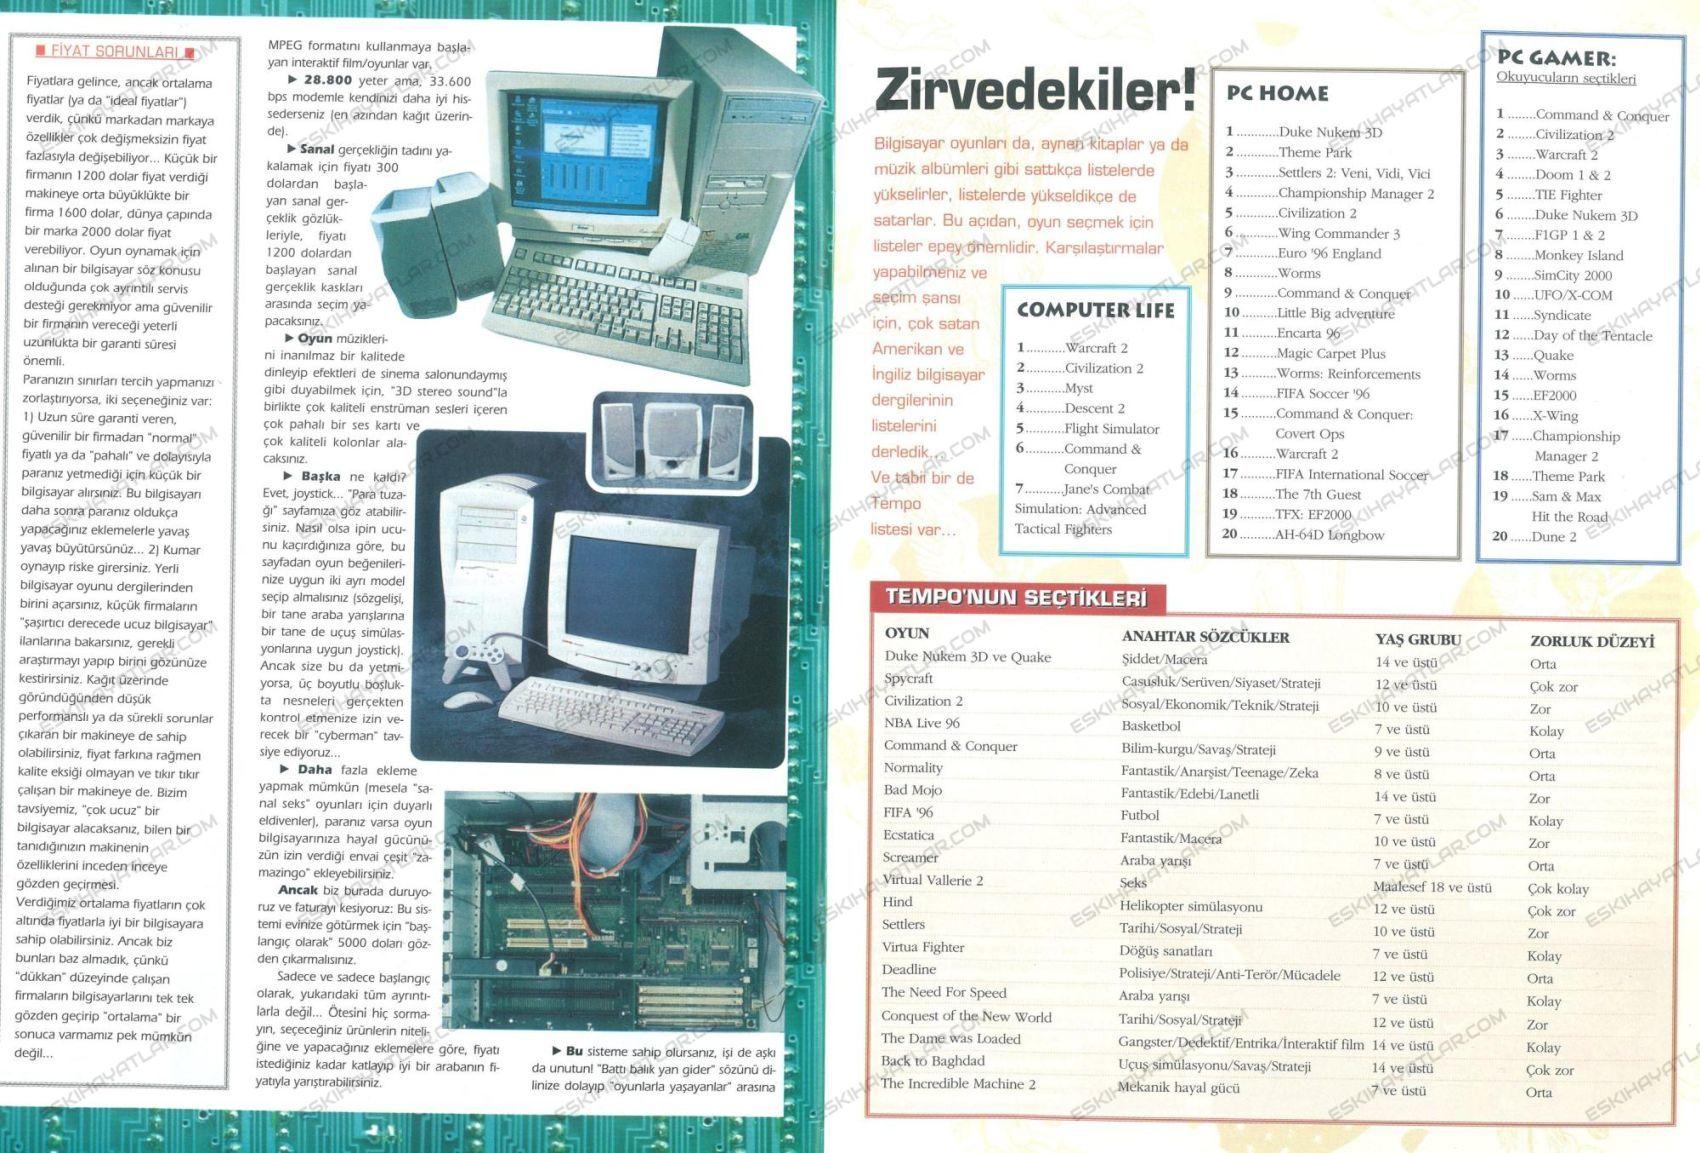 0277-doksanli-yillarin-bilgisayar-oyunlari-1996-yilinda-bilgisayar-markalari (7)